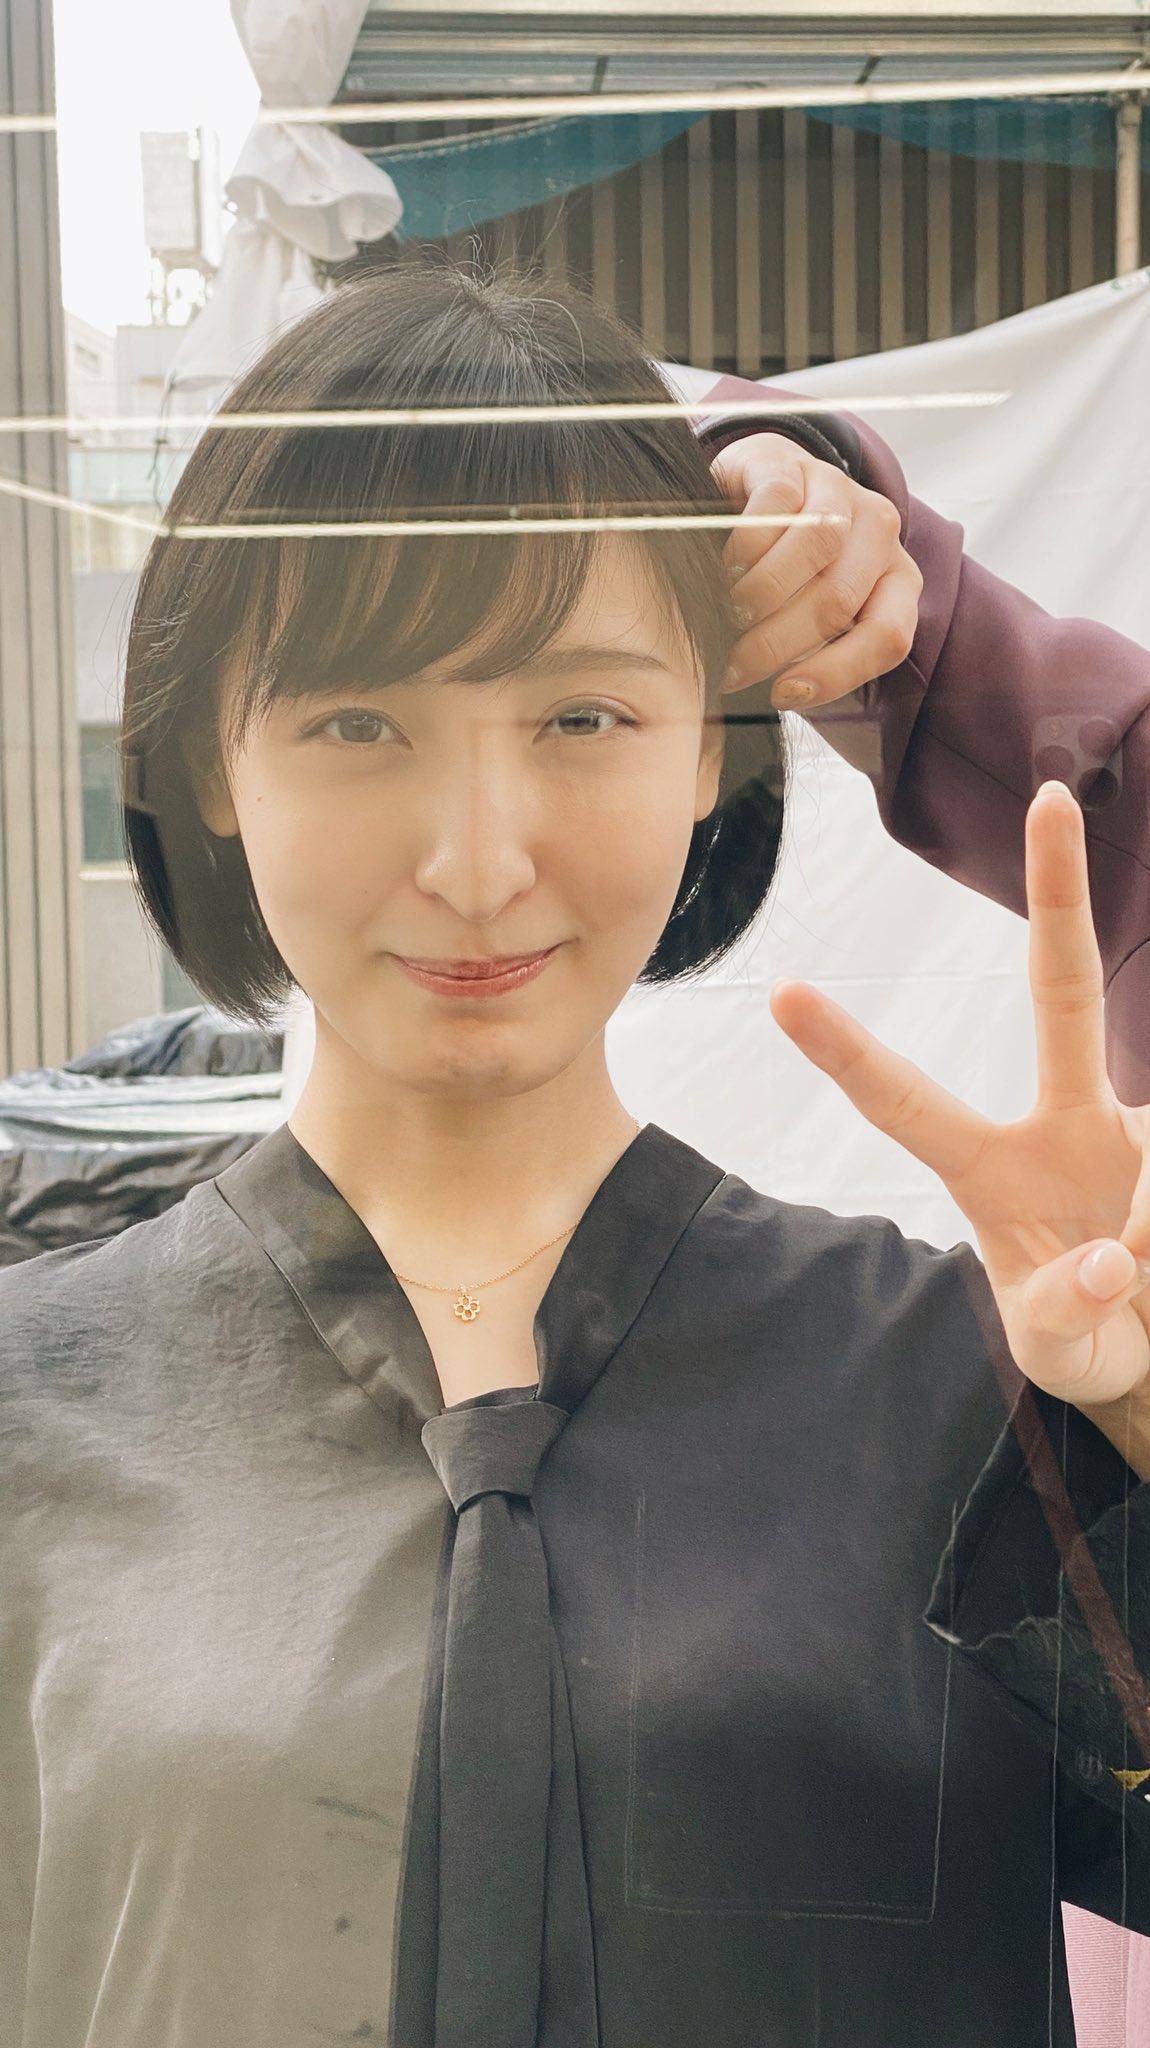 ブラインド 藤井ゆきよ 横顔 佐々木琴子 ナンバーワンに関連した画像-02